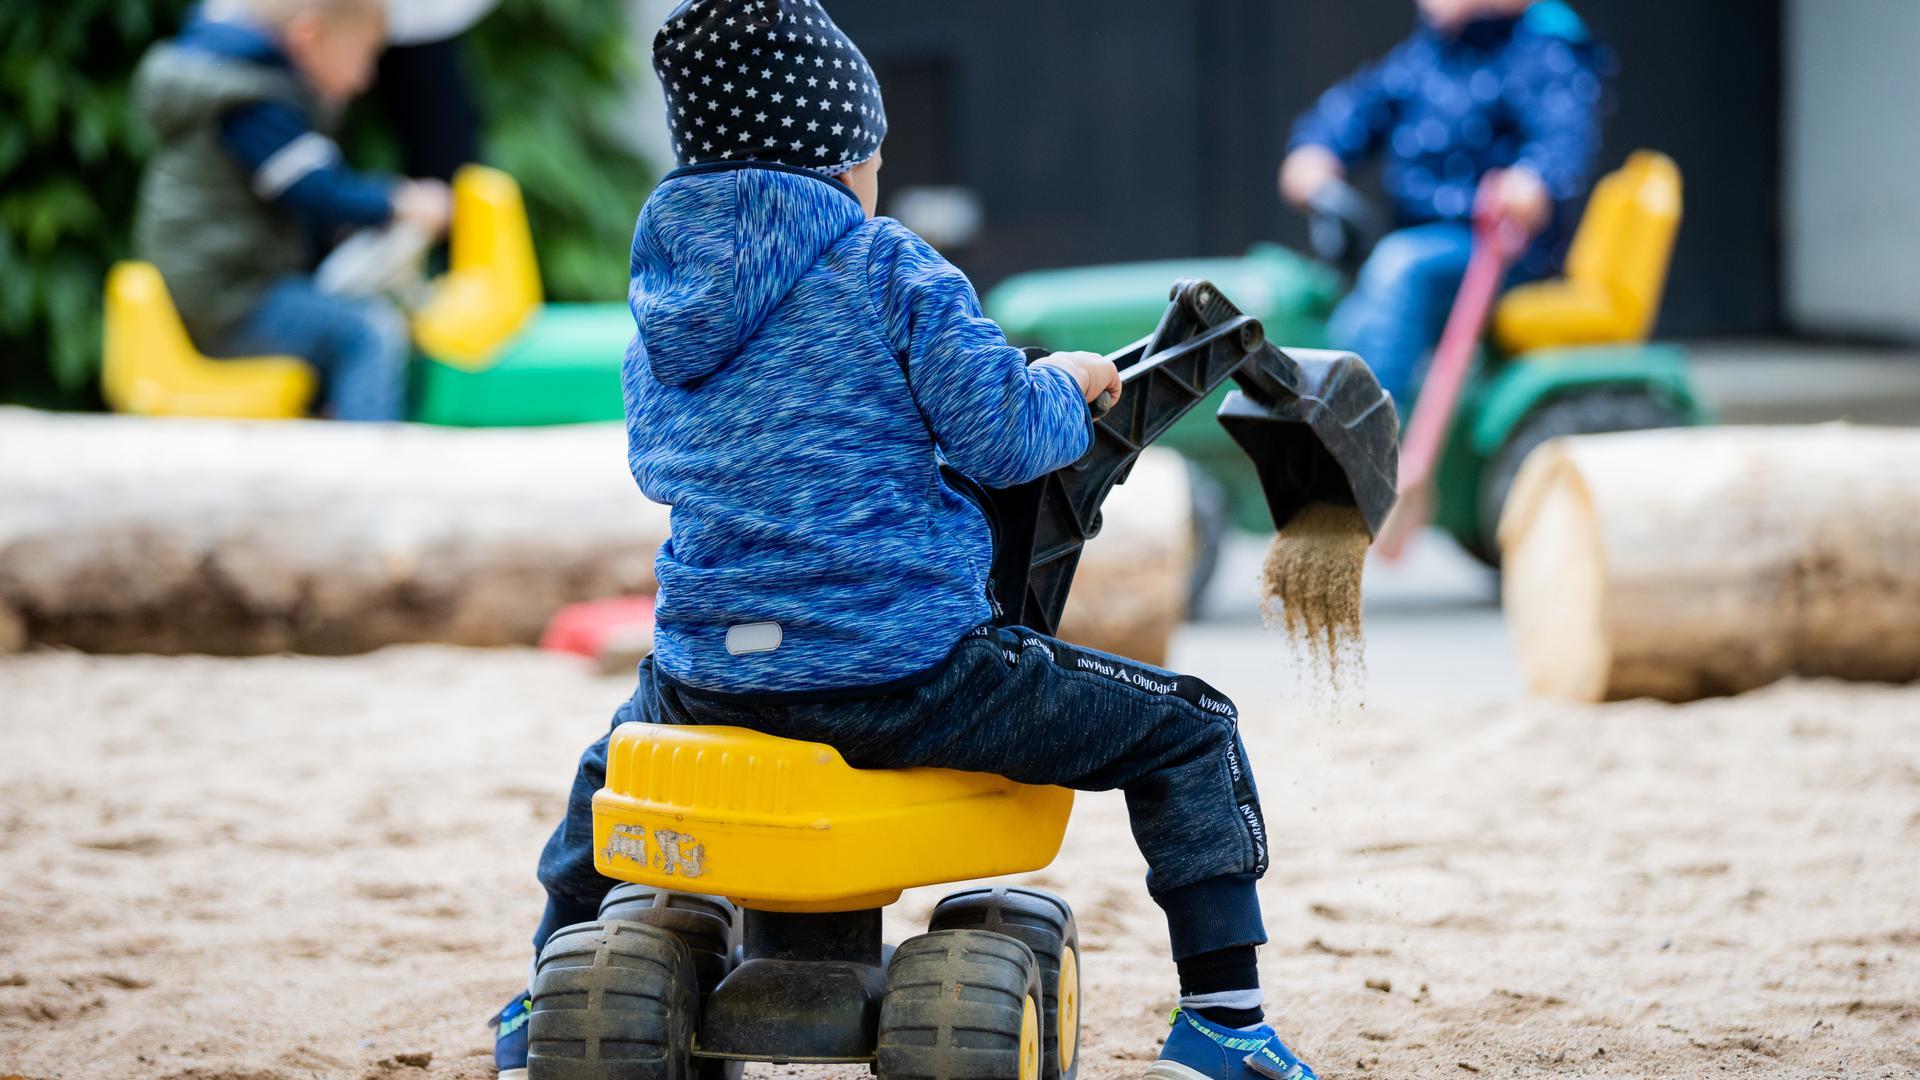 Baustelle Kinderbetreuung: Die Kosten für Kitas und Kindergärten in Malsch steigen. Eine Erhöhung der Elternbeiträge lehnt die Mehrheit des Malscher Gemeinderates jedoch ab.